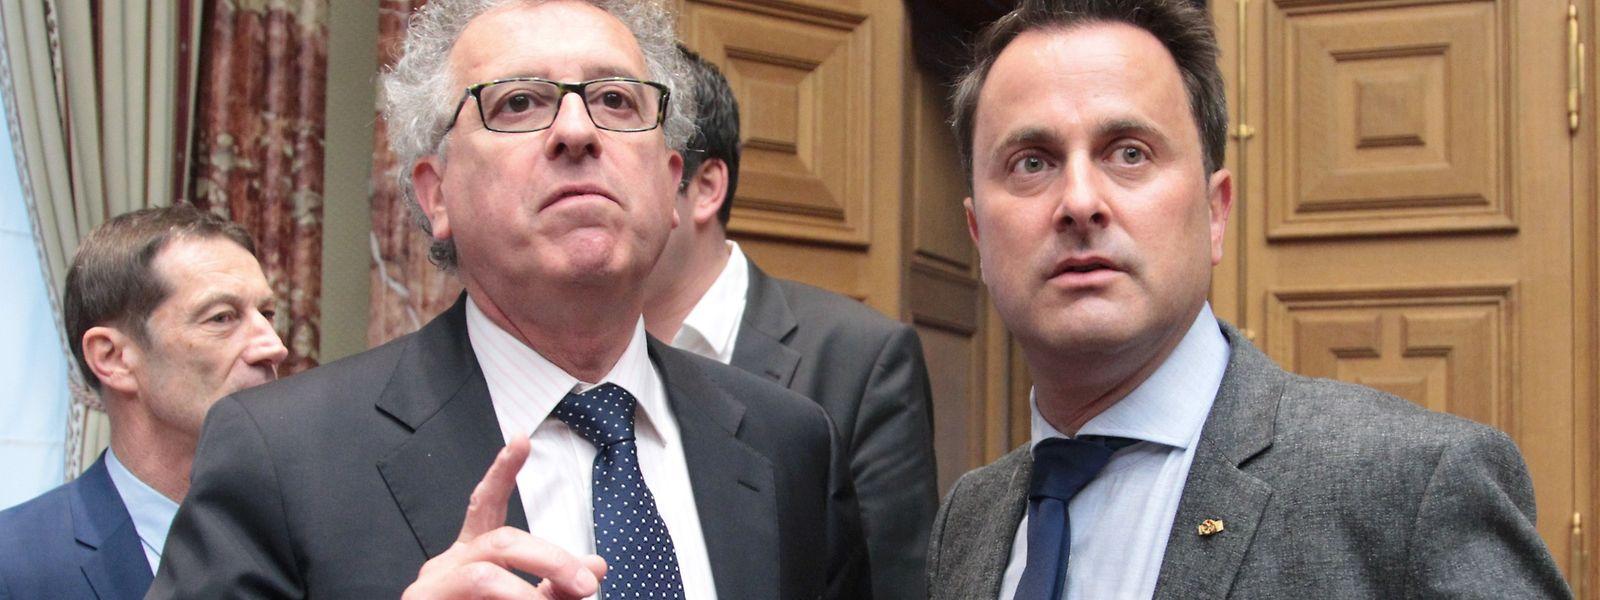 Linientreu: Finanz- und Premierminister halten die europäischen Maastricht-Kriterien ein.